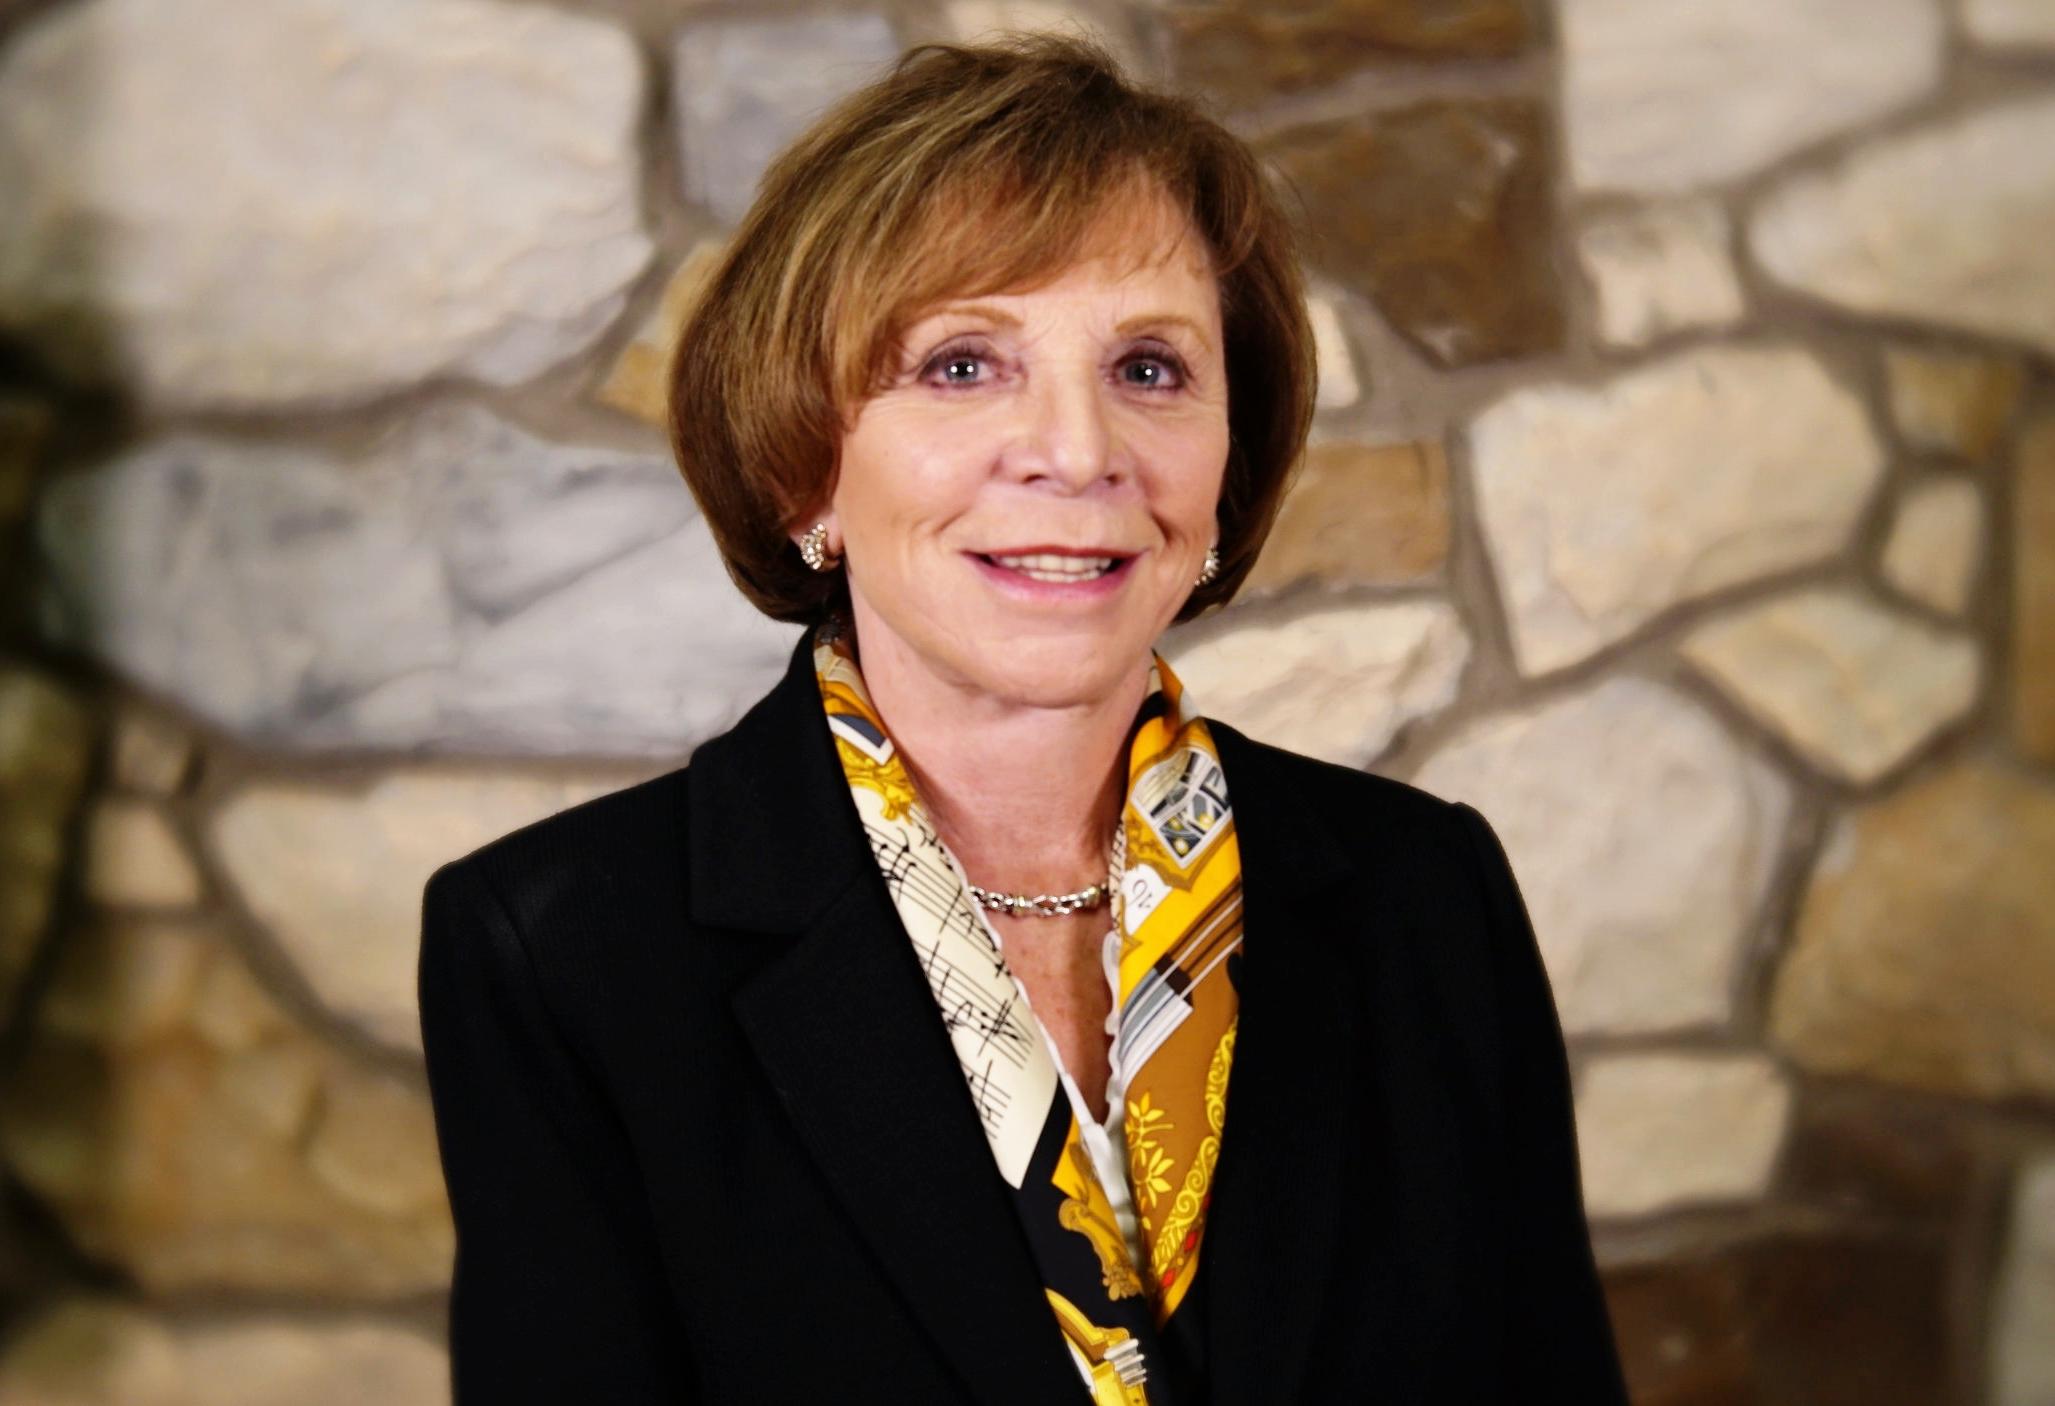 Margaret Hathaway